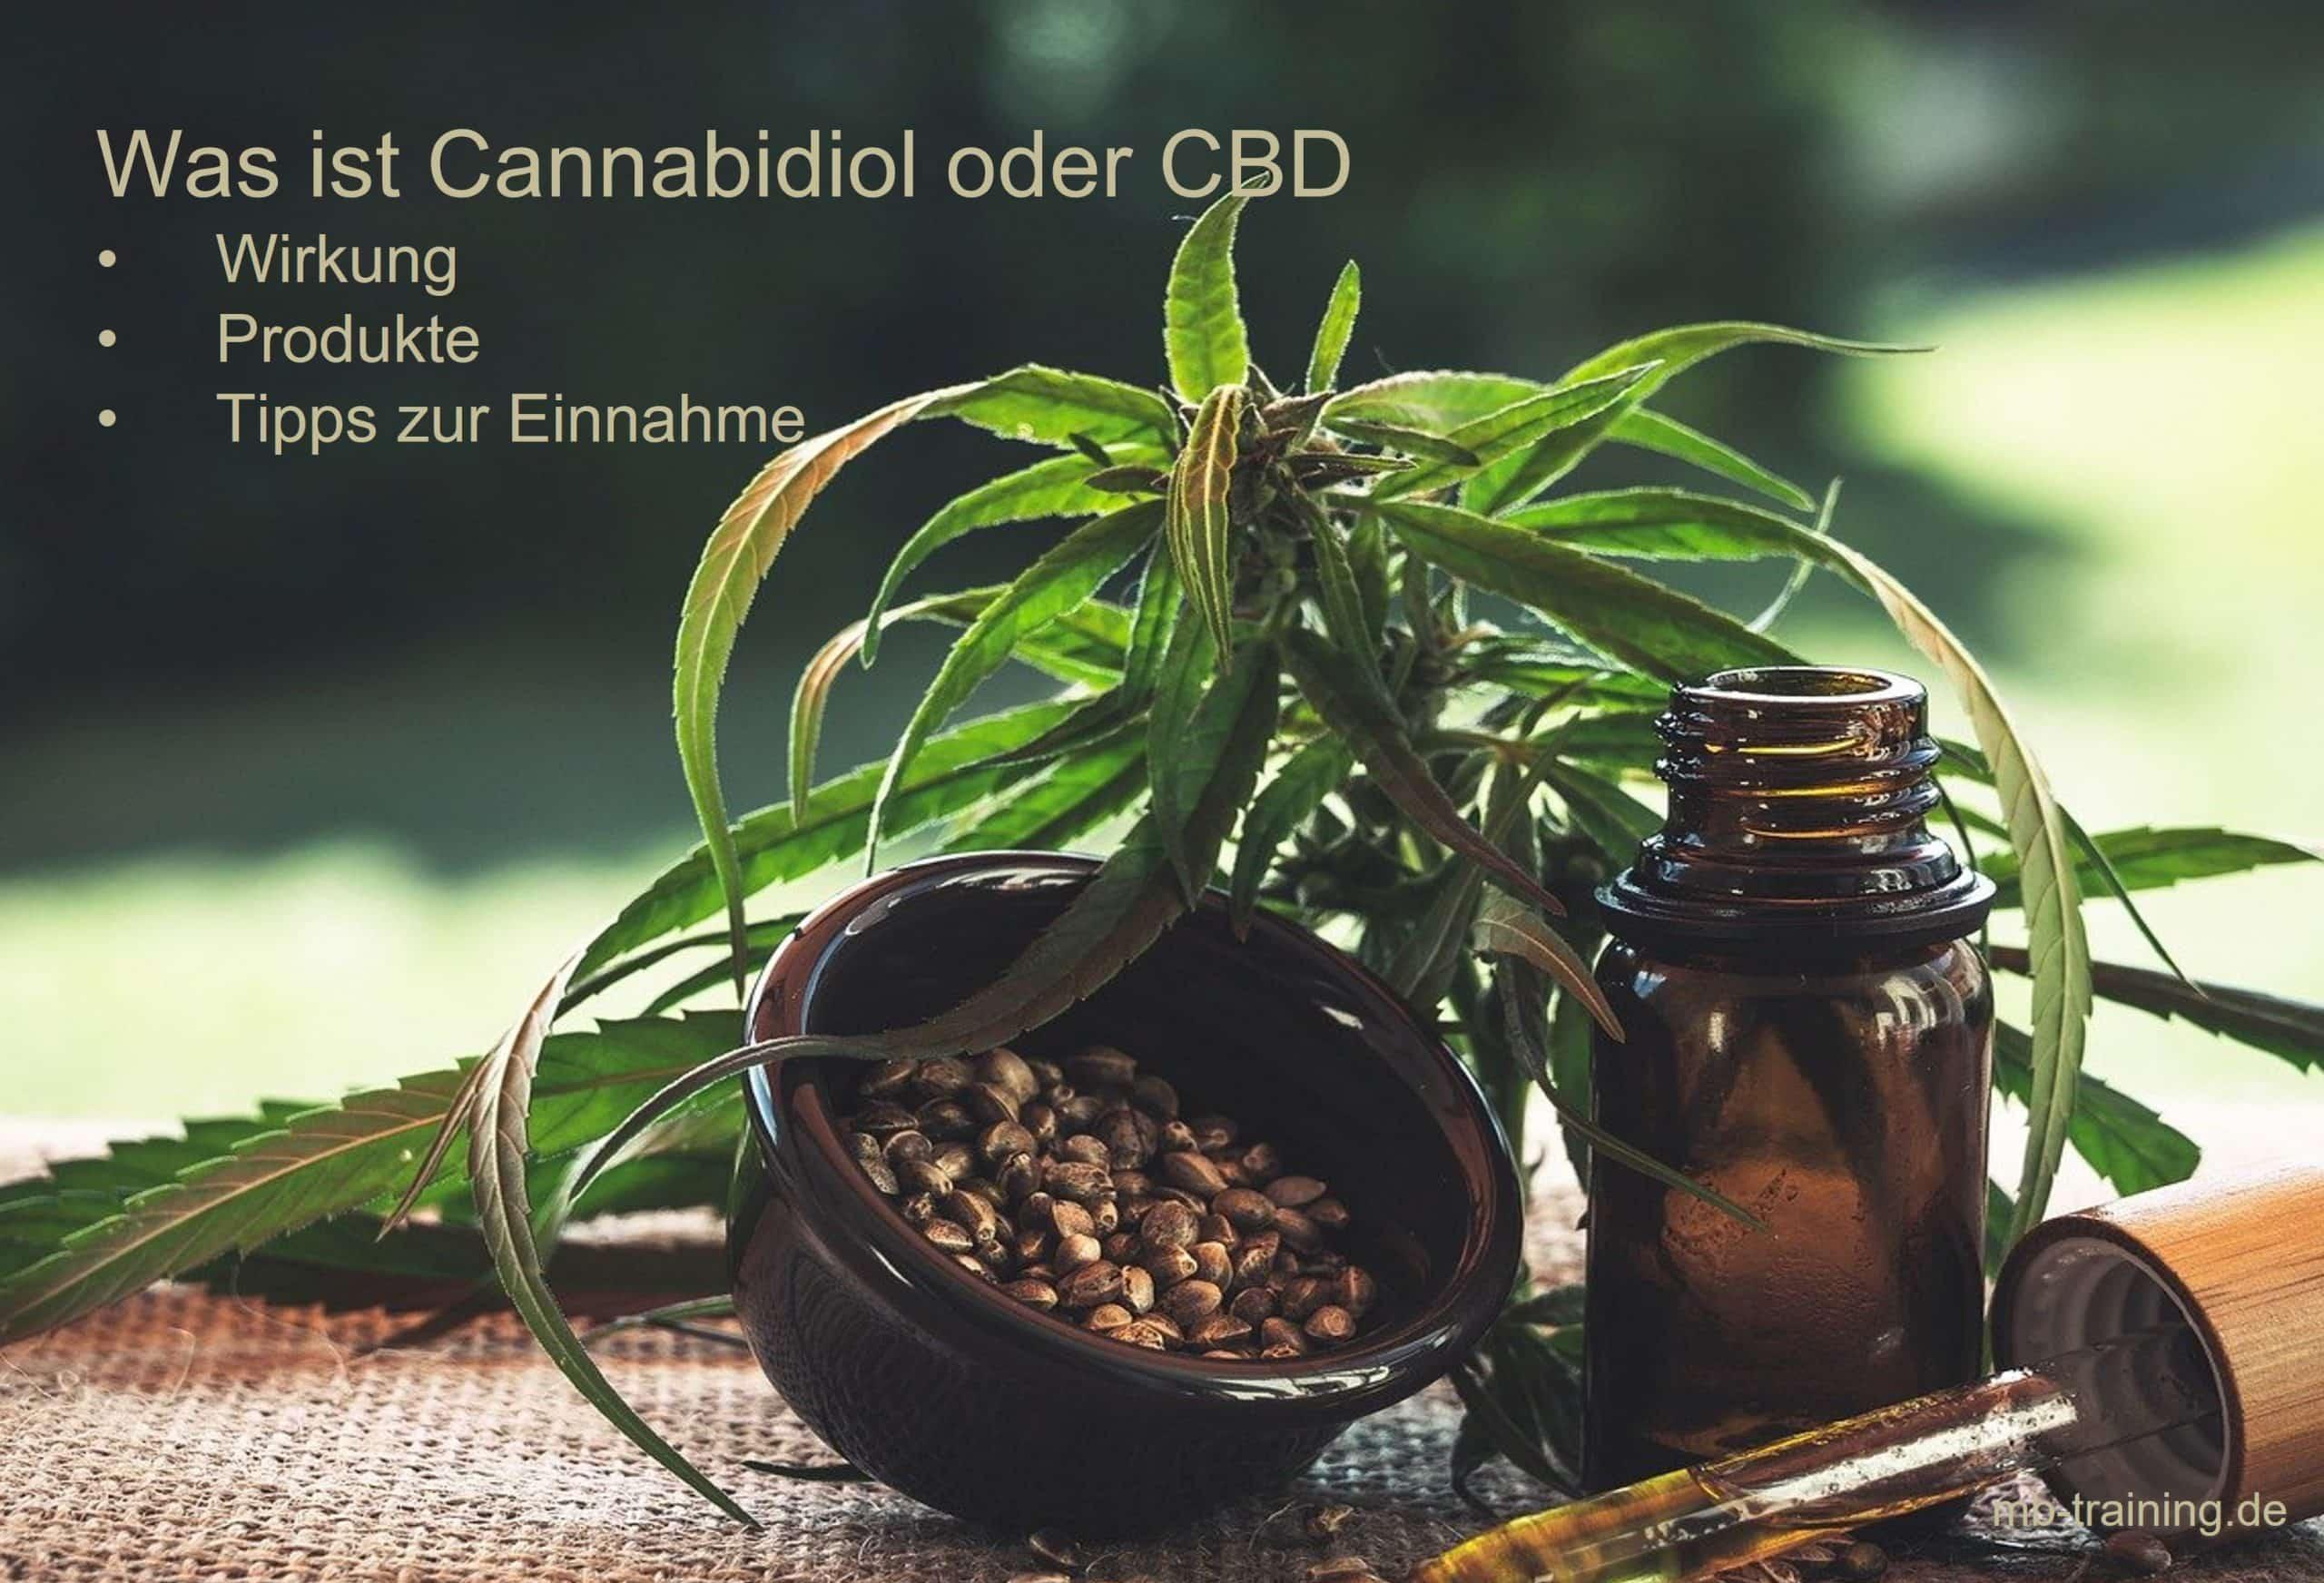 Cannabidiol oder kurz CBD für mehr Wohlbefinden und gegen Stress, Infos zu  Produkten, der Wirkung, Eigenschaften und Tipps zur Einnahme.